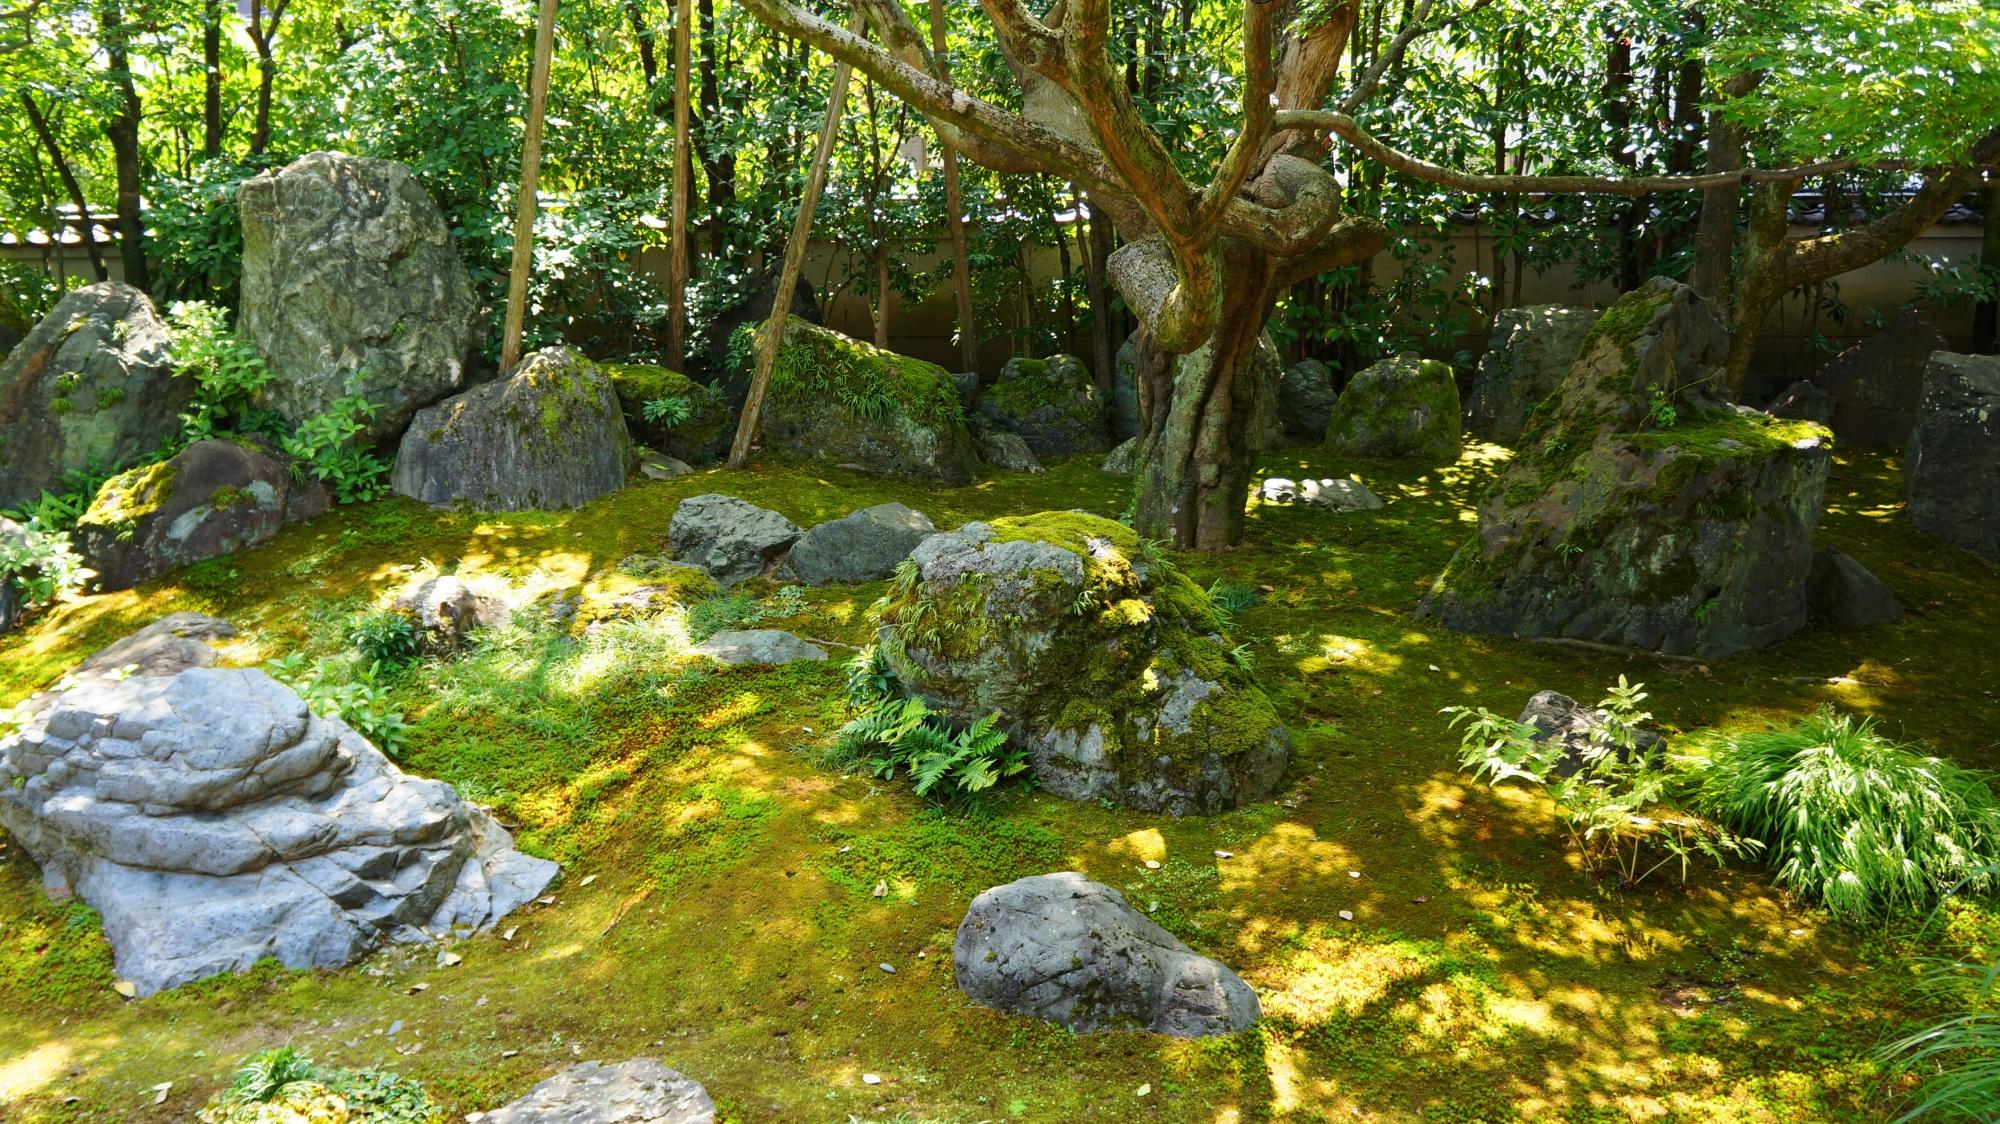 法輪寺(達磨寺)の方丈庭園に配される色んな形や大きさの岩